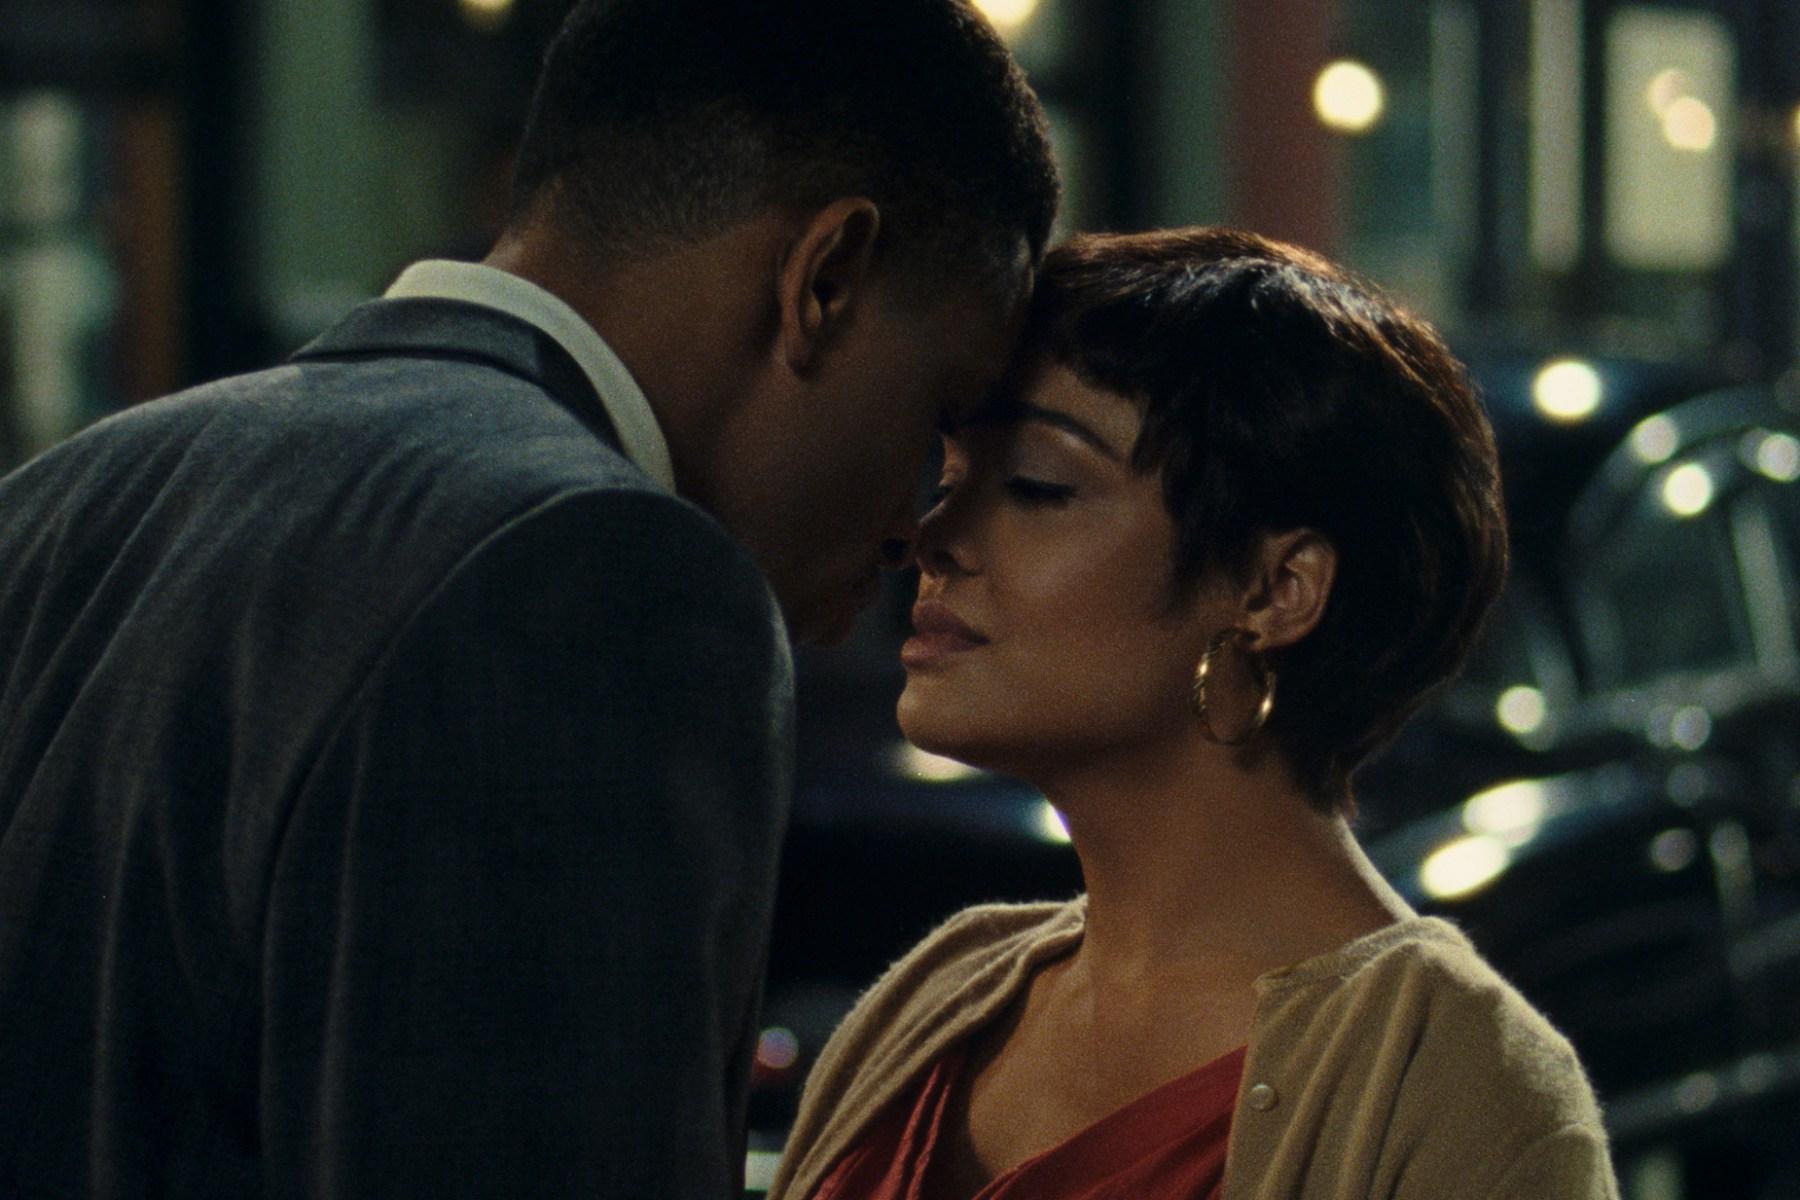 Nnmadi Asomugha and Tessa Thompson in 'Sylvie's Love.'